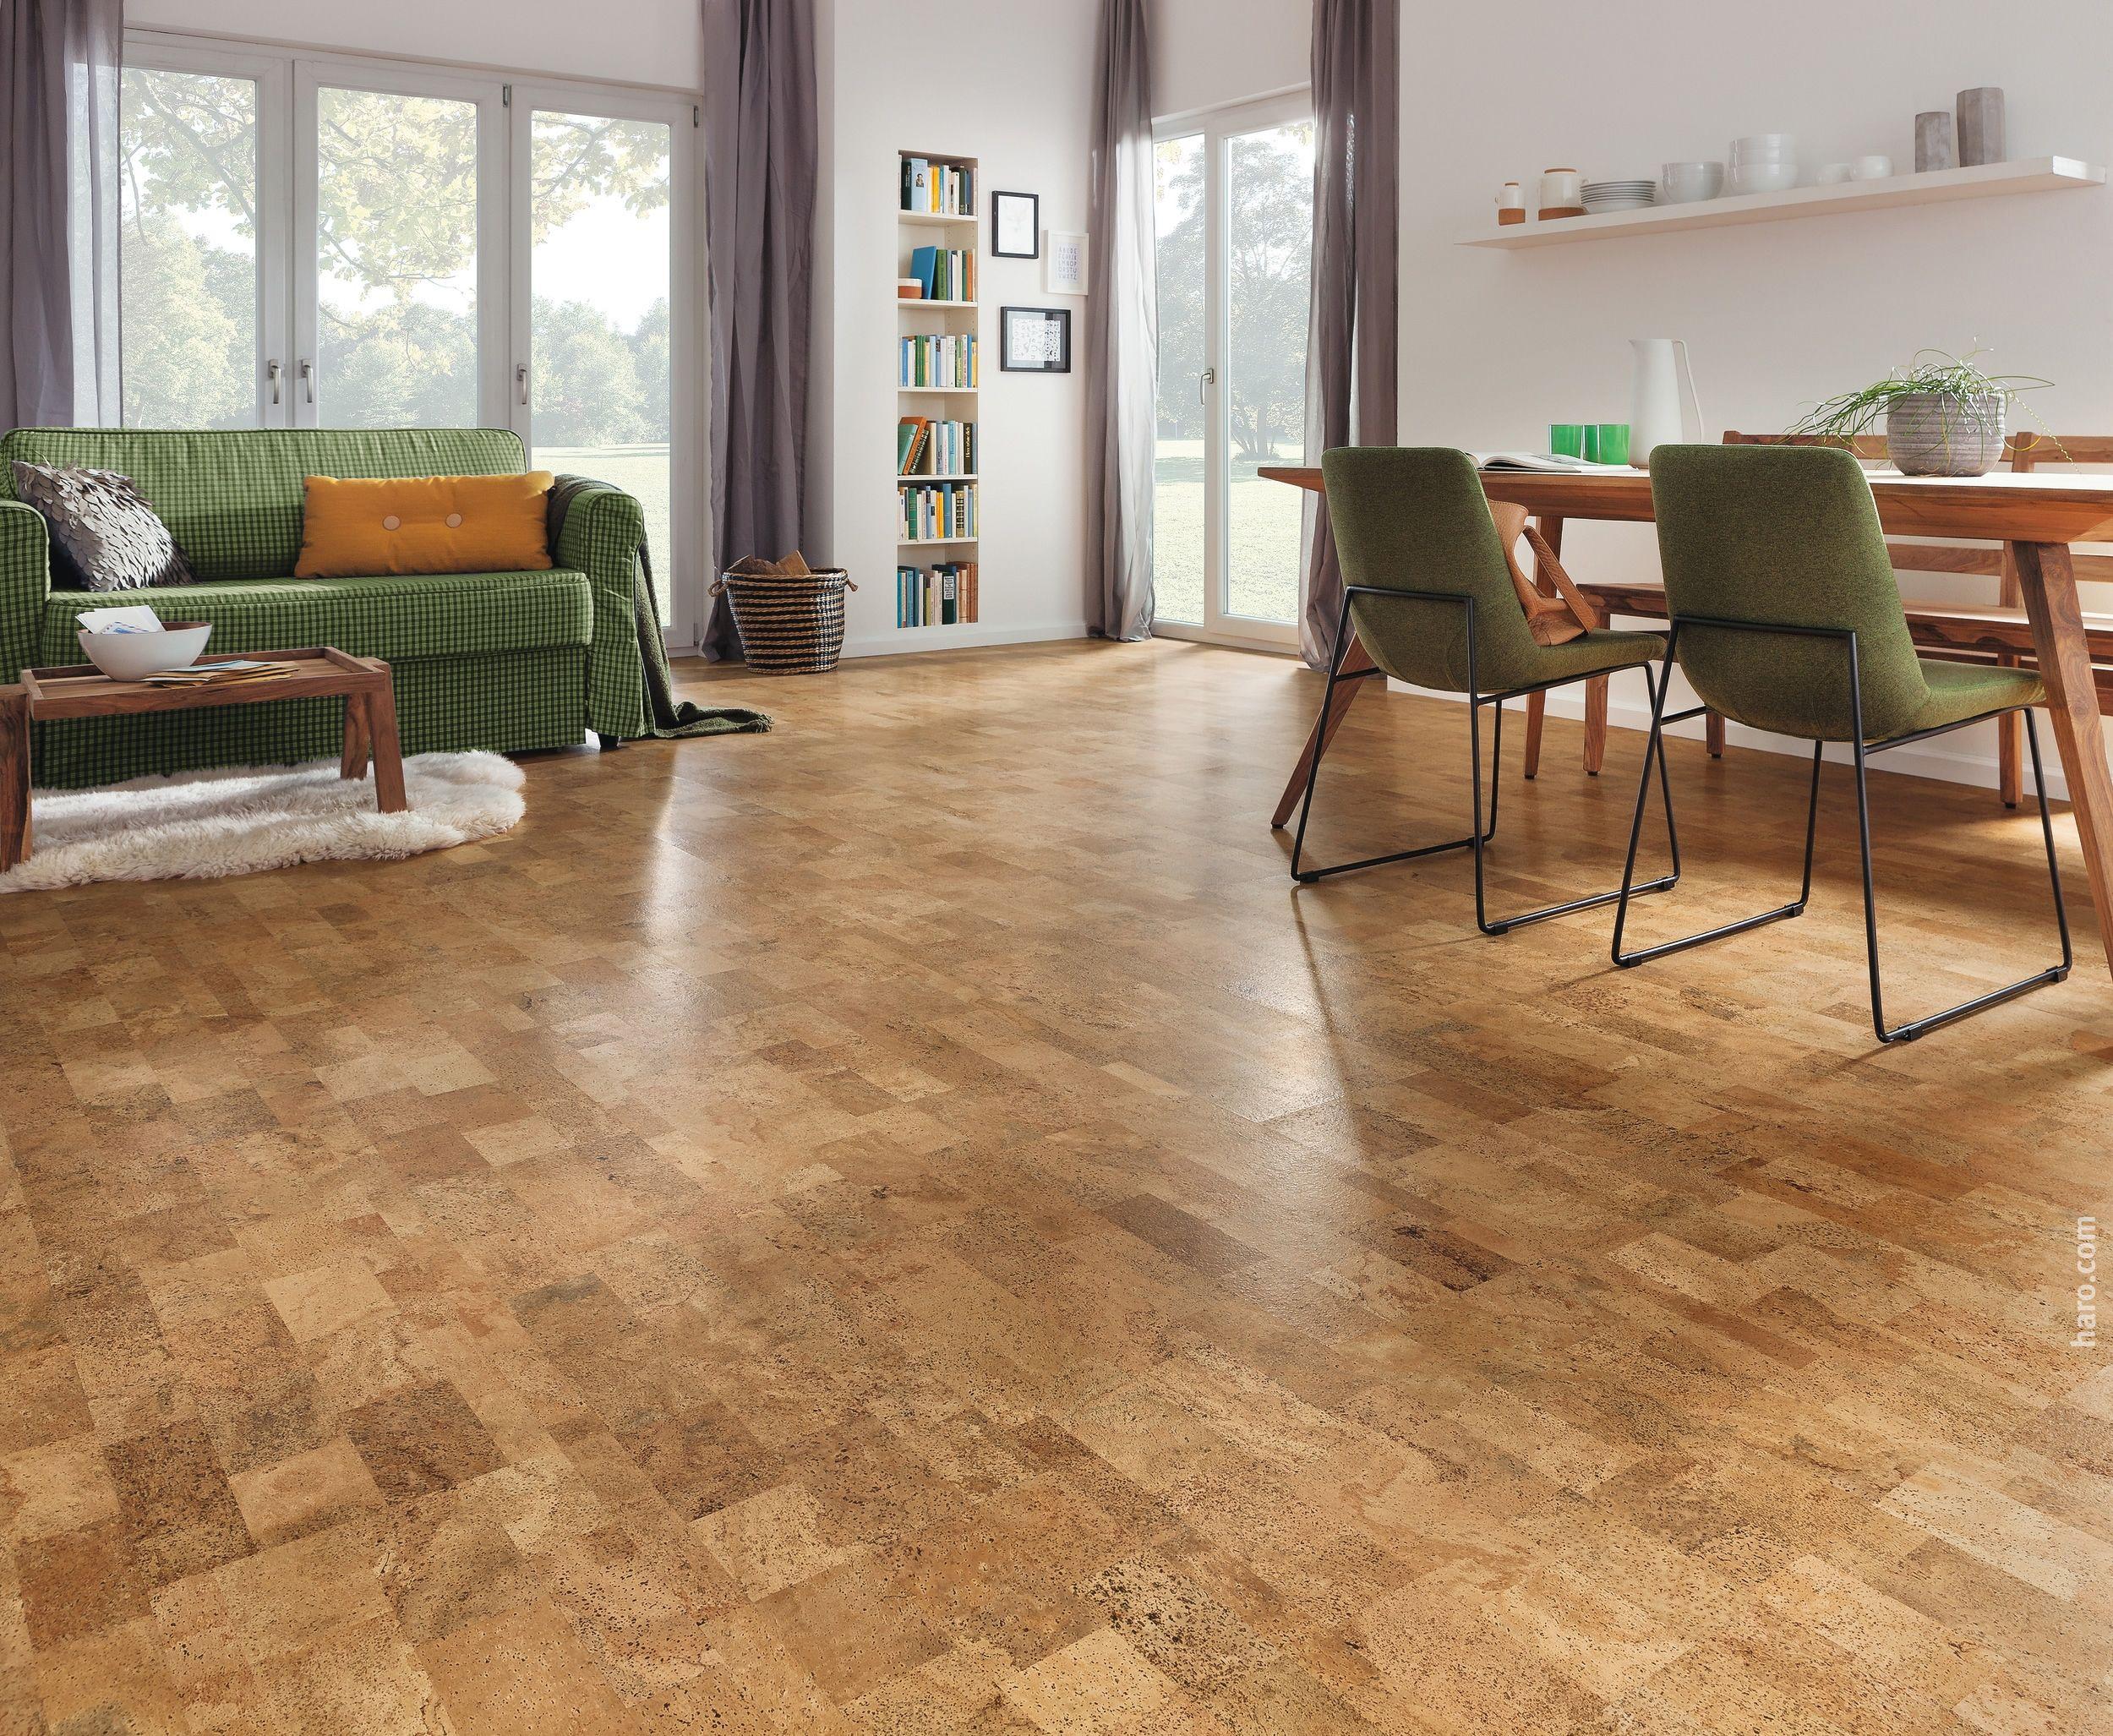 HARO Korkboden CORKETT Ronda natur | Cork Floor / Korkboden ...